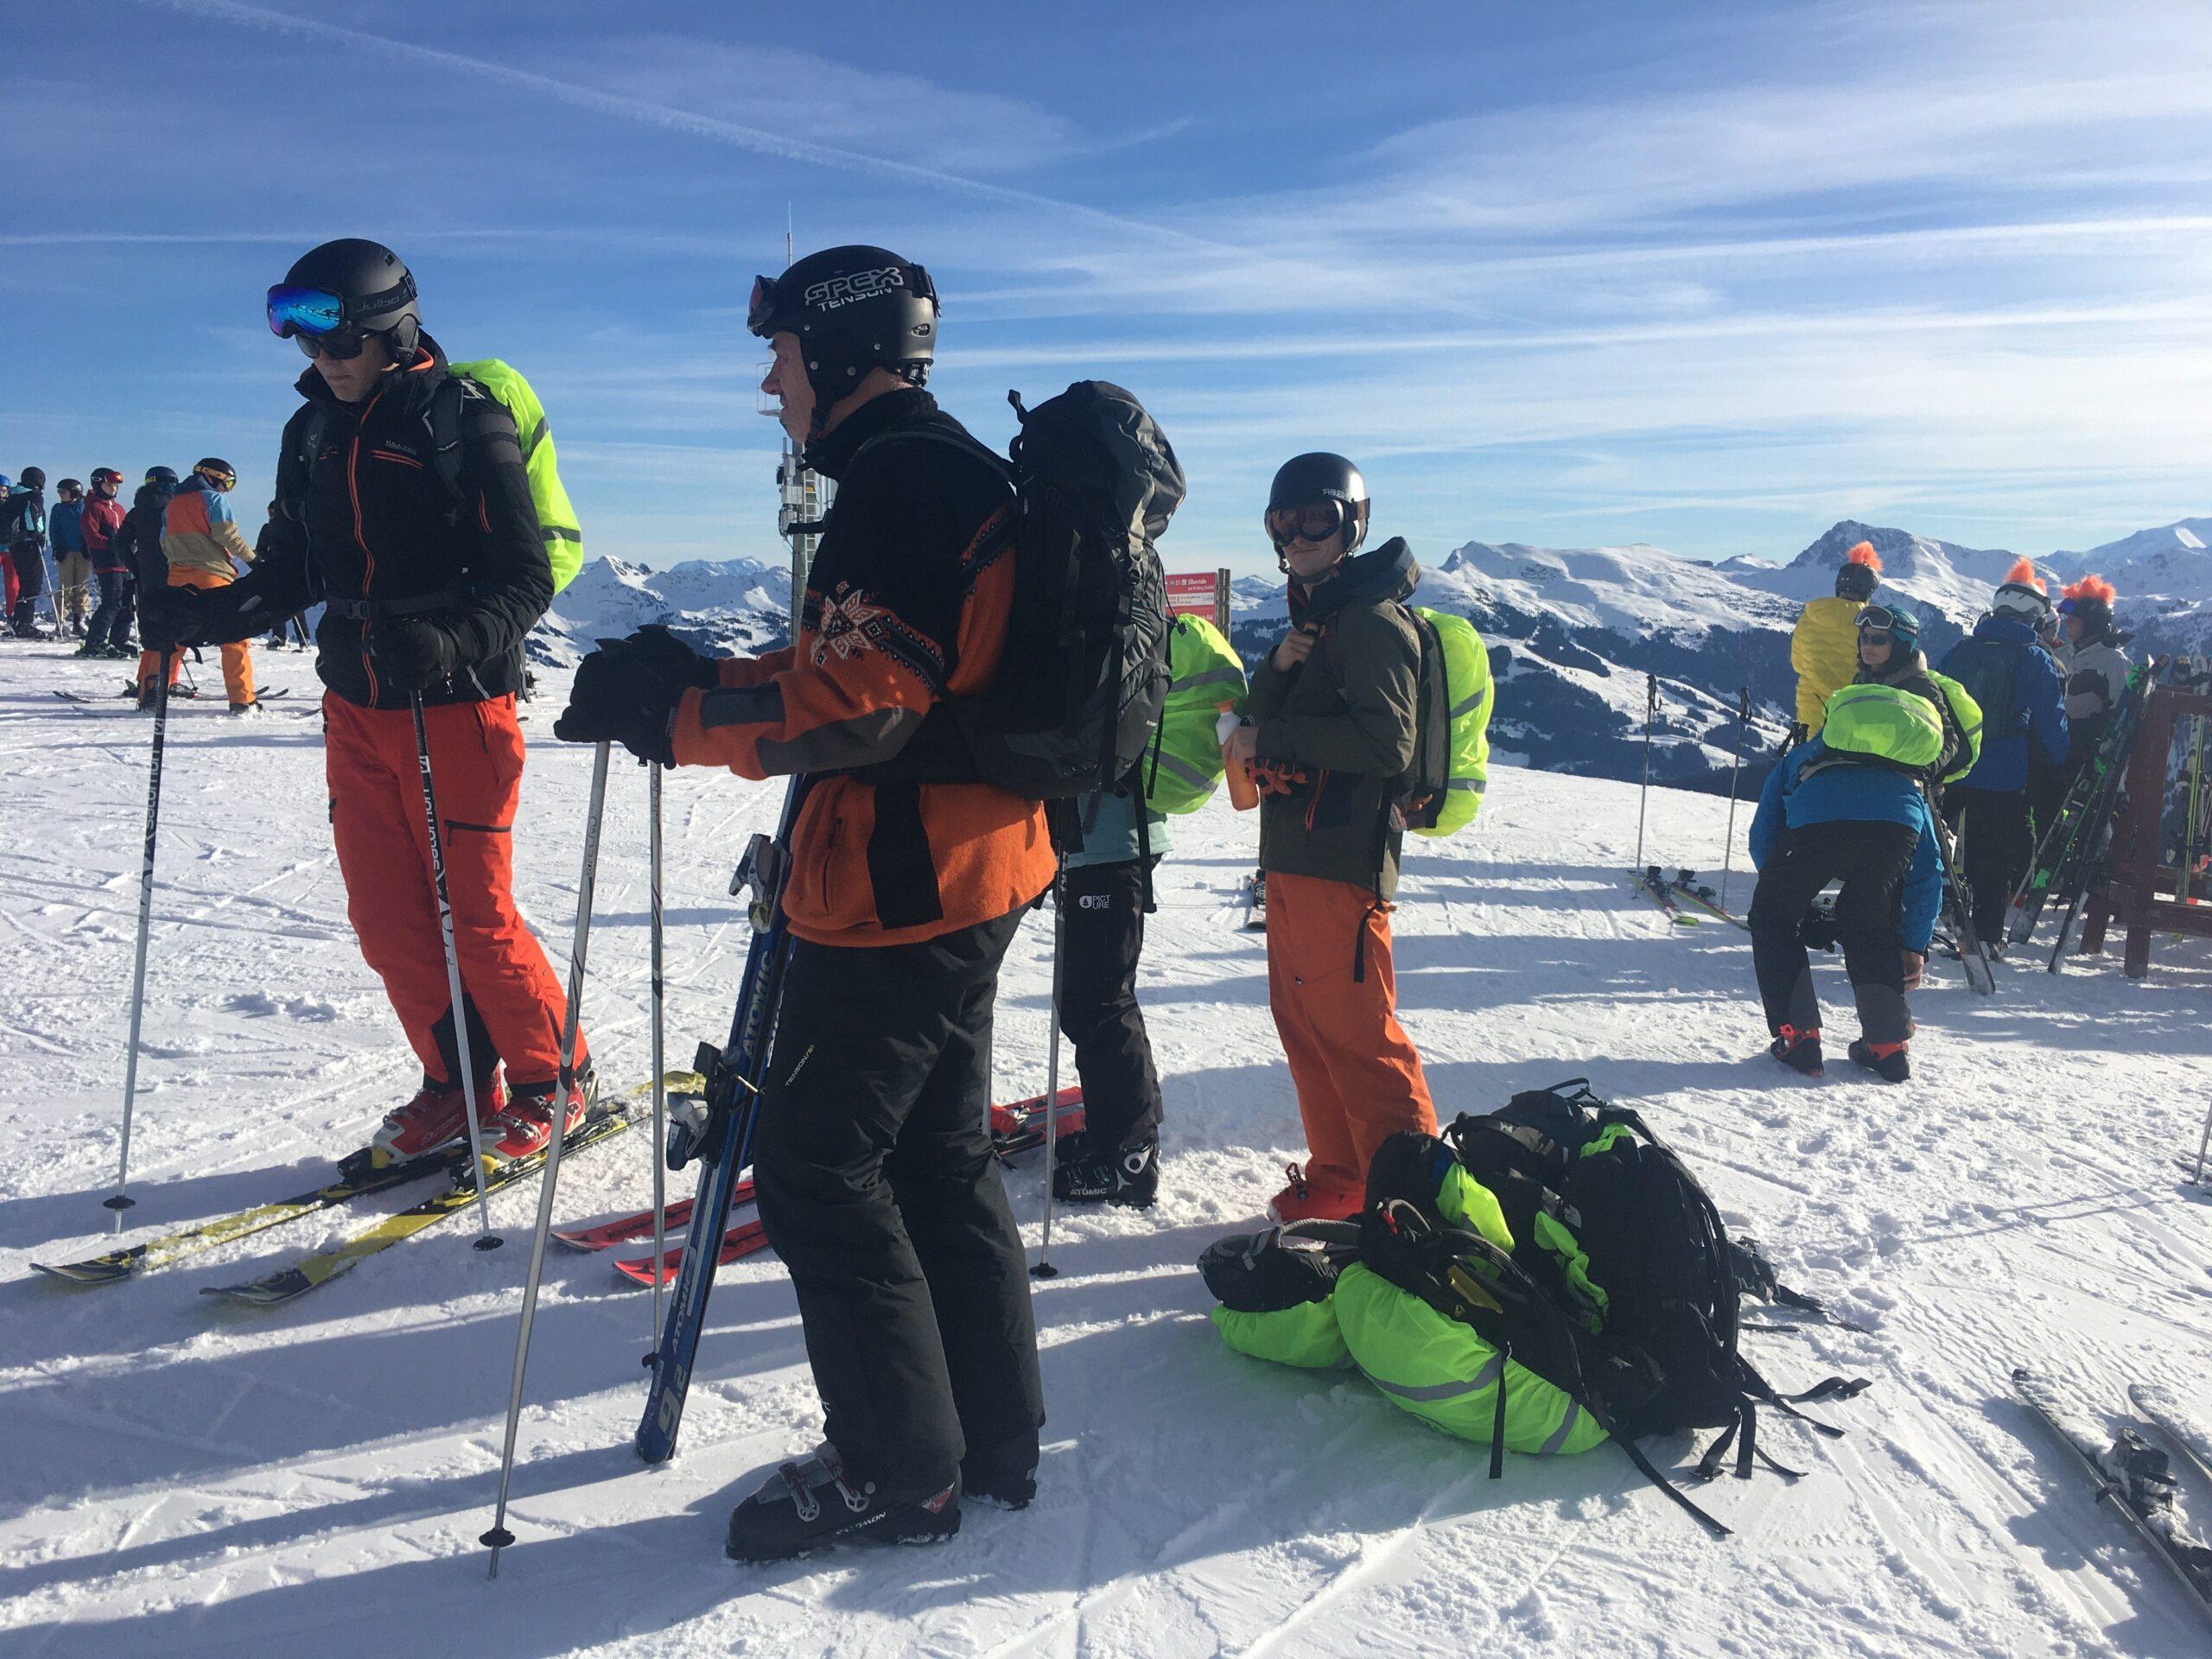 Groep 1 tijdens de alpex skitocht